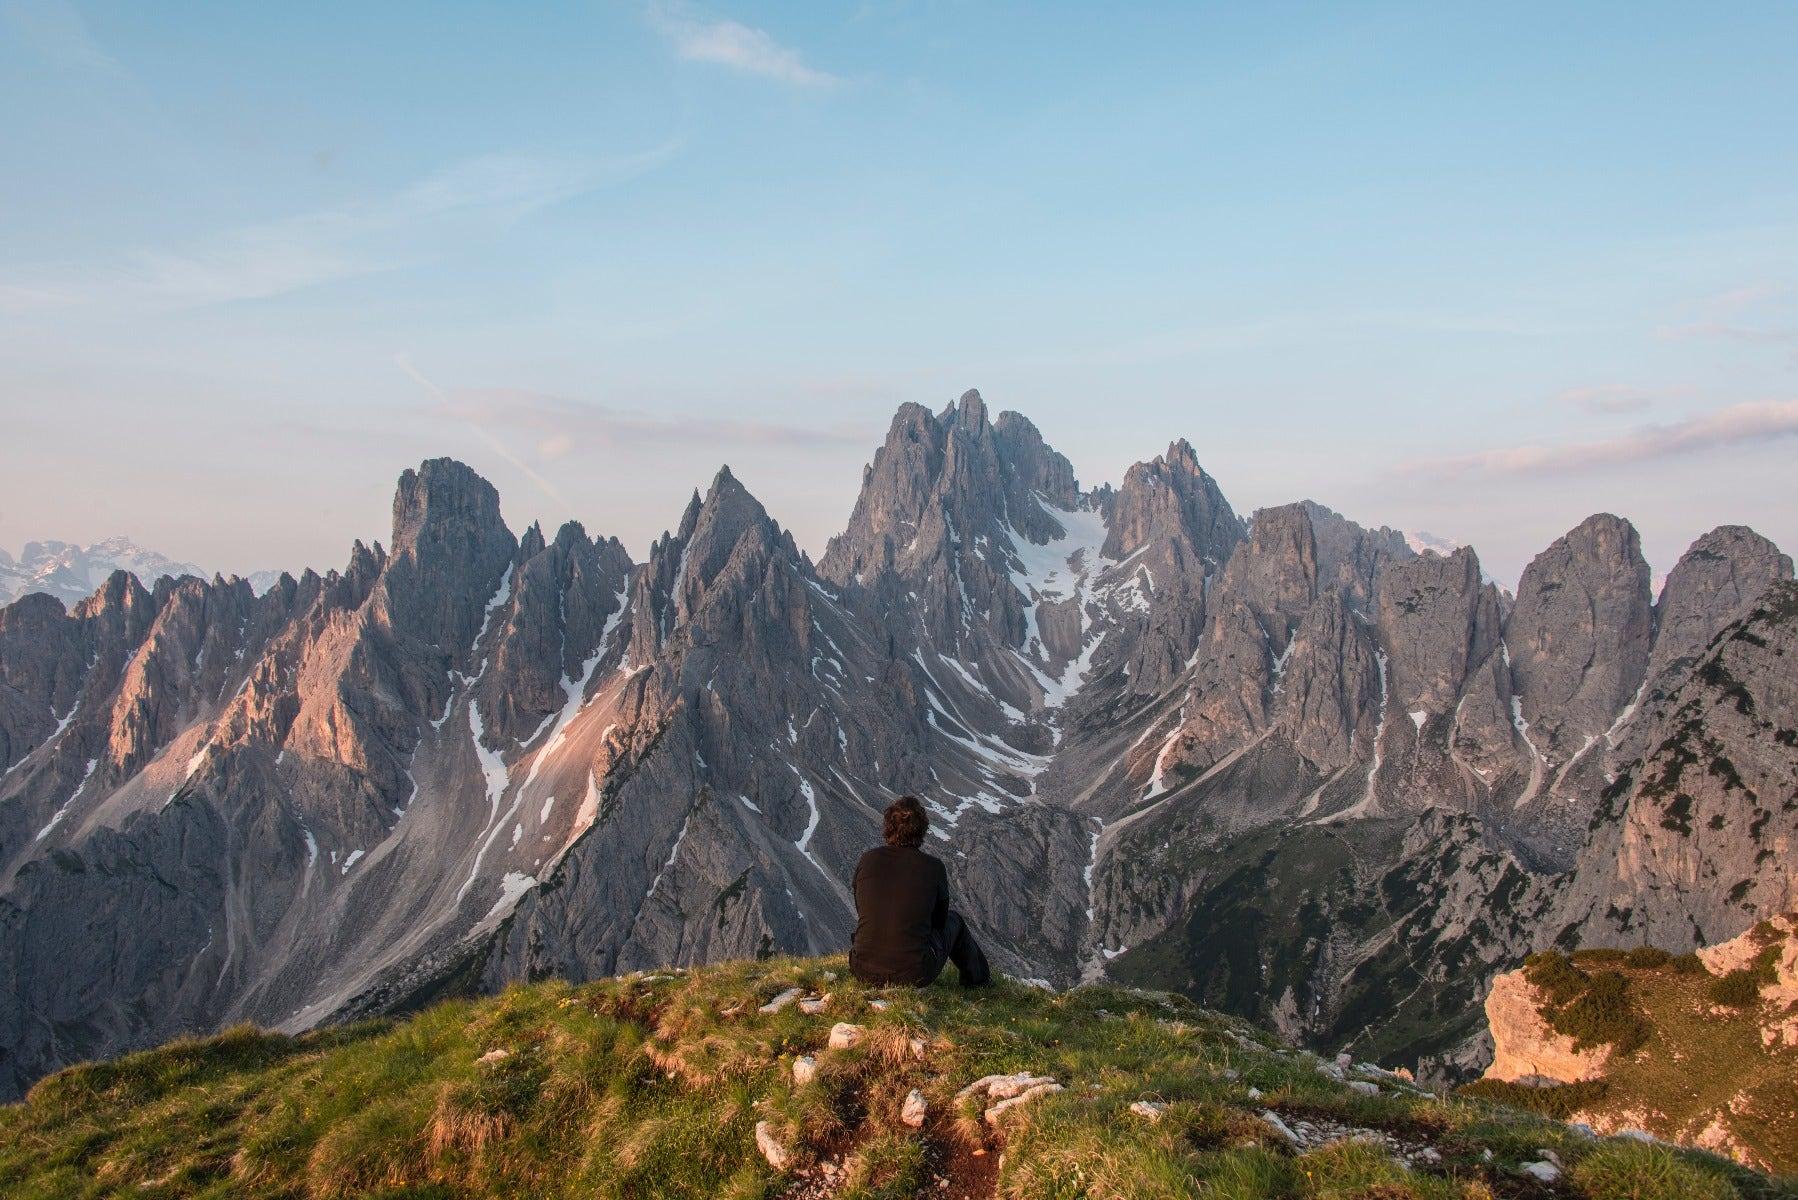 Man looking at mountain range